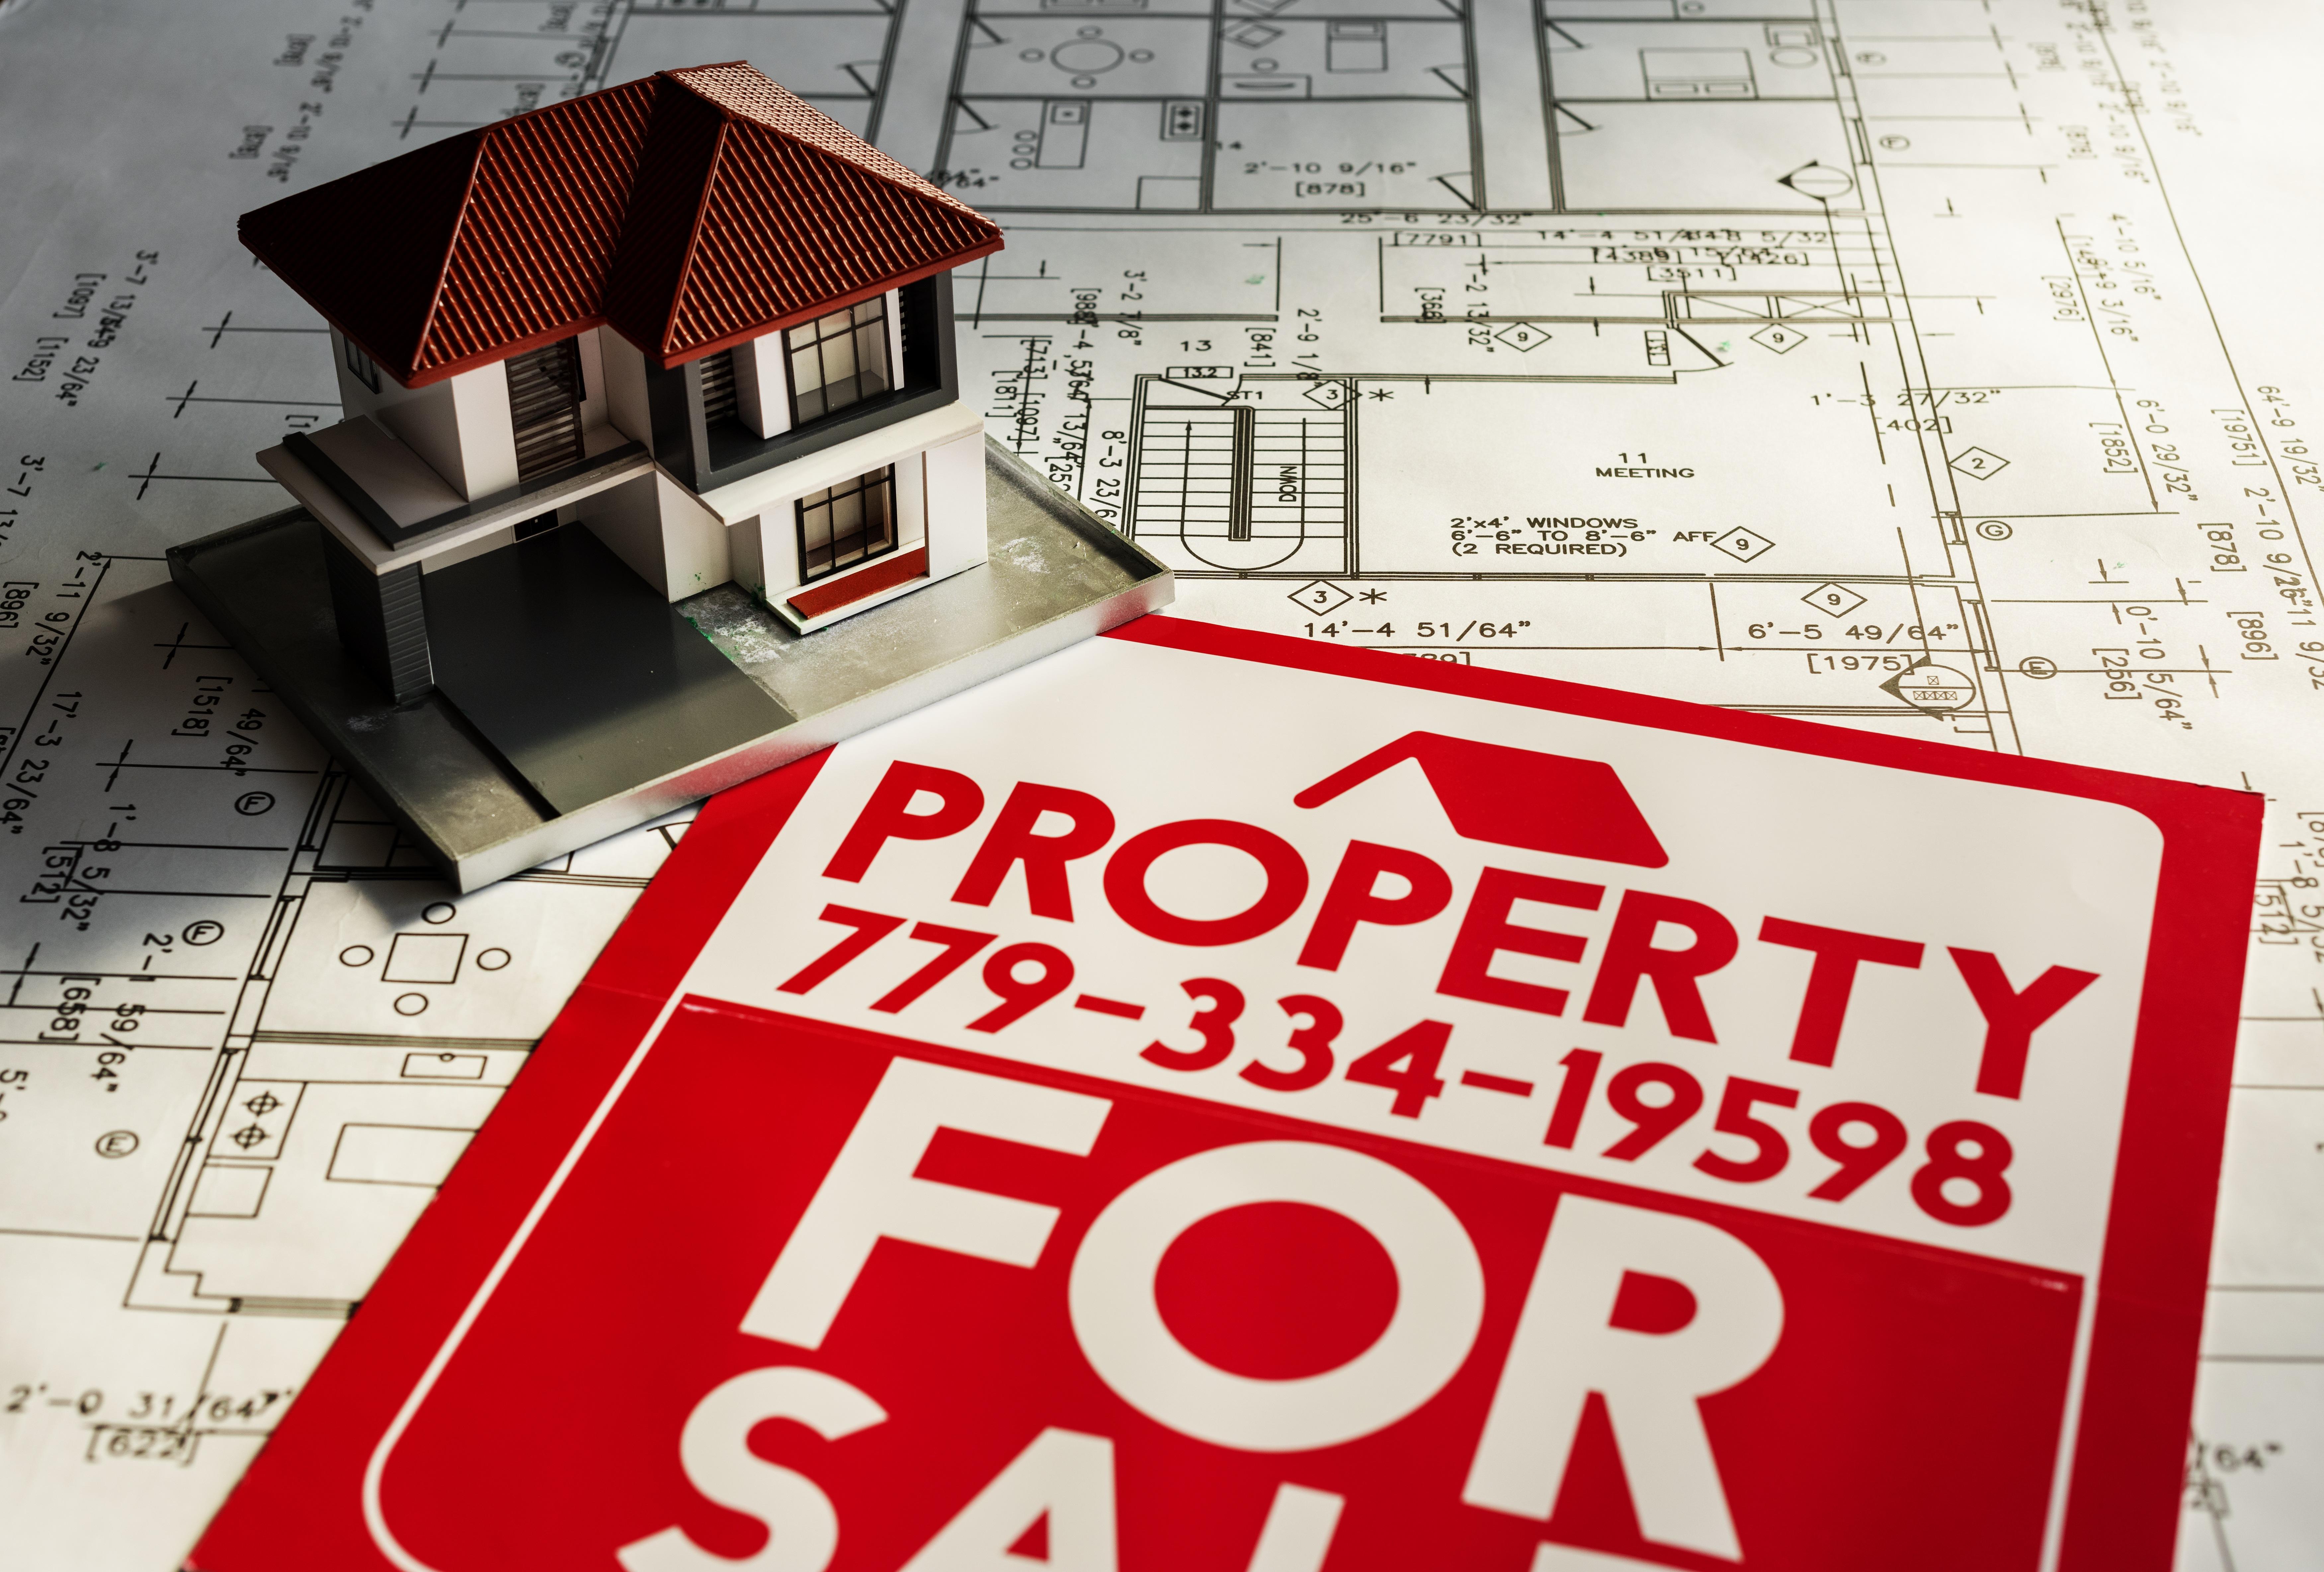 Agências imobiliárias devem estar presentes na internet